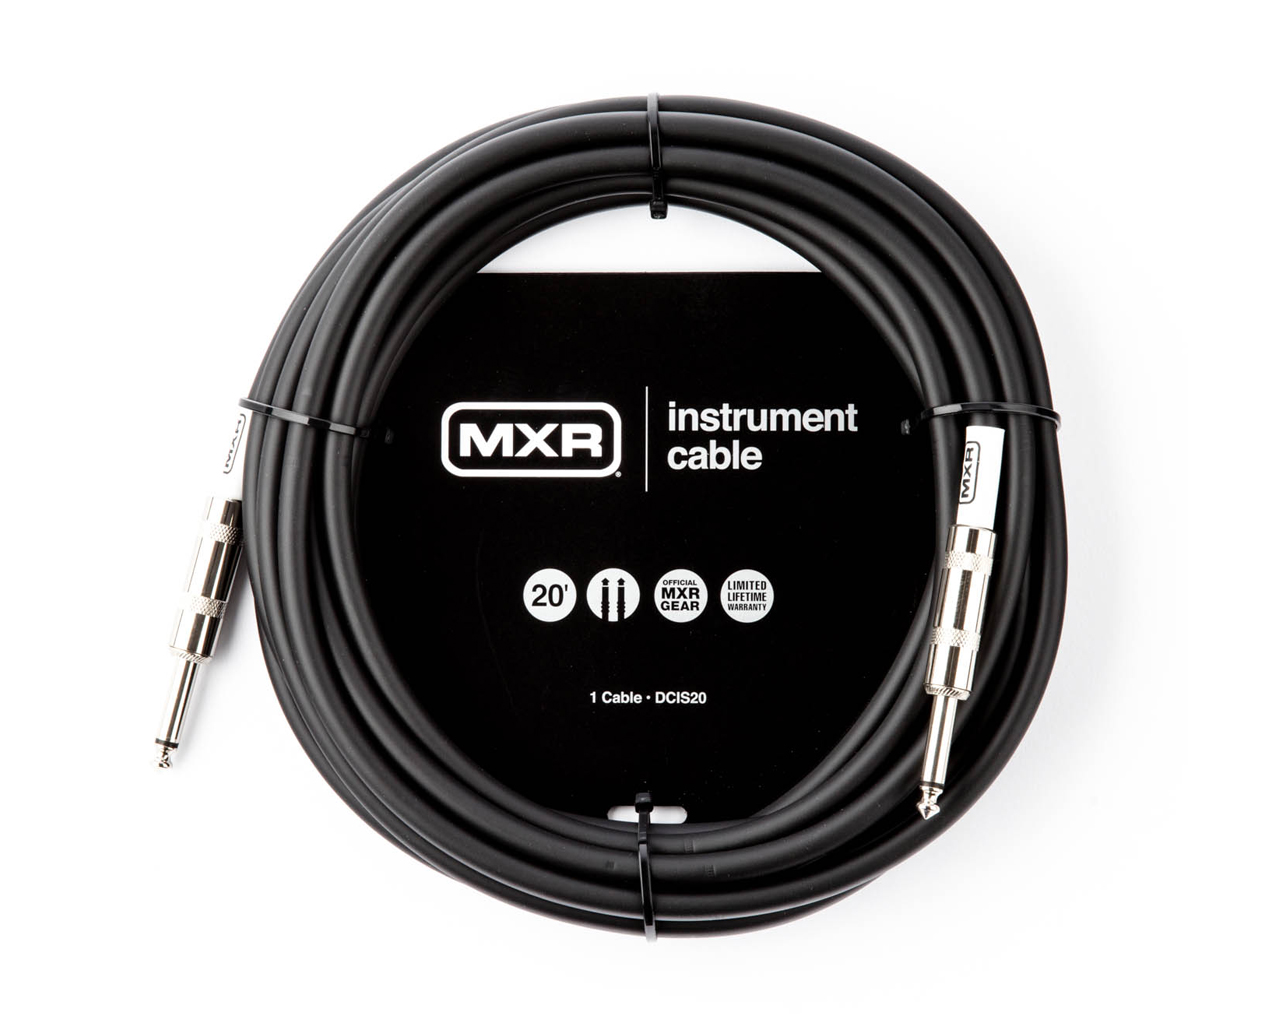 Cabo MXR Standard para Instrumentos de 6m com Plug P10